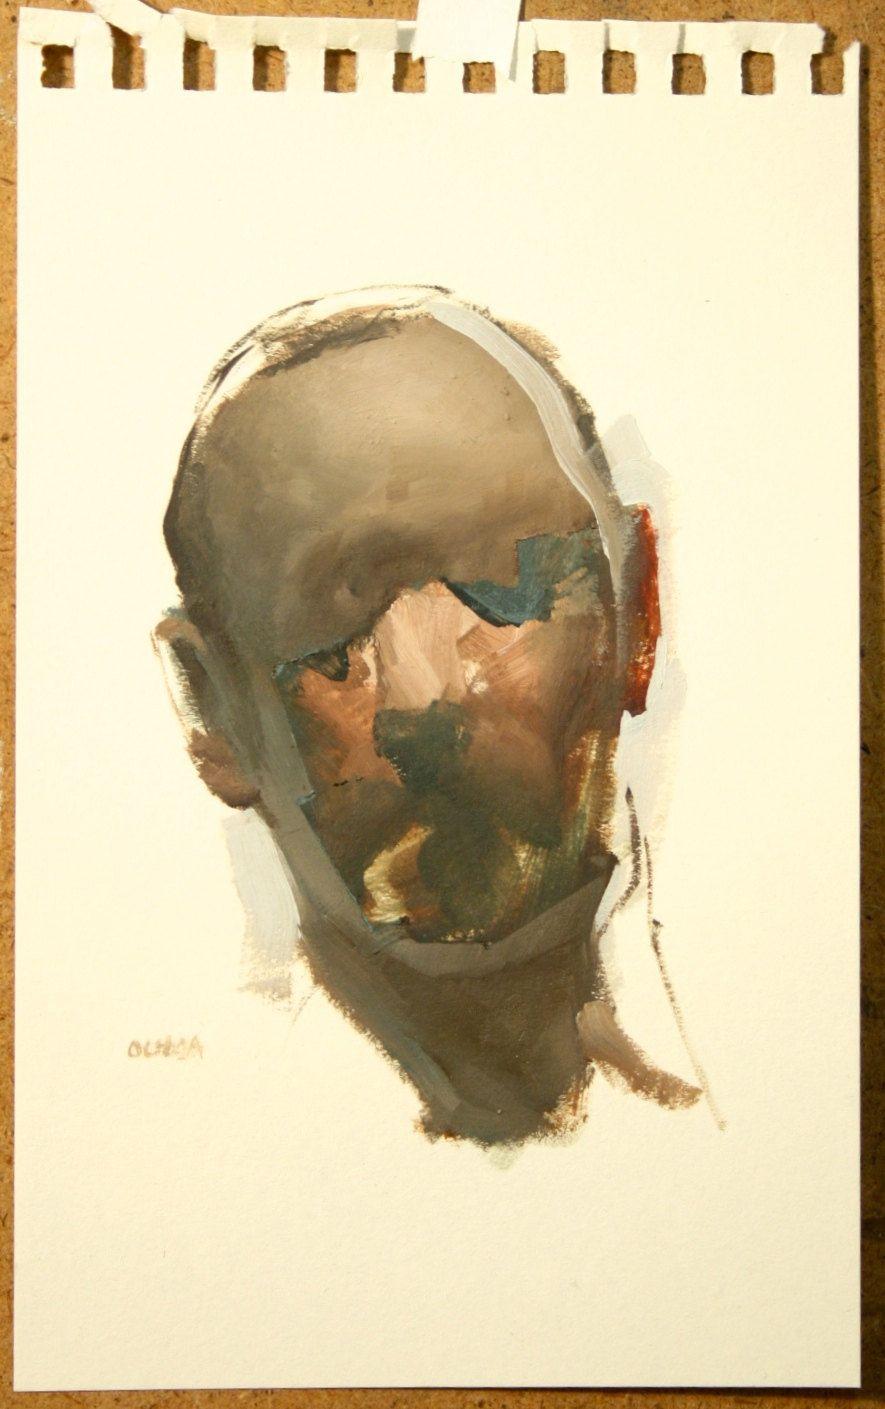 Oil painting by daniel ochoa by dansworks on etsy